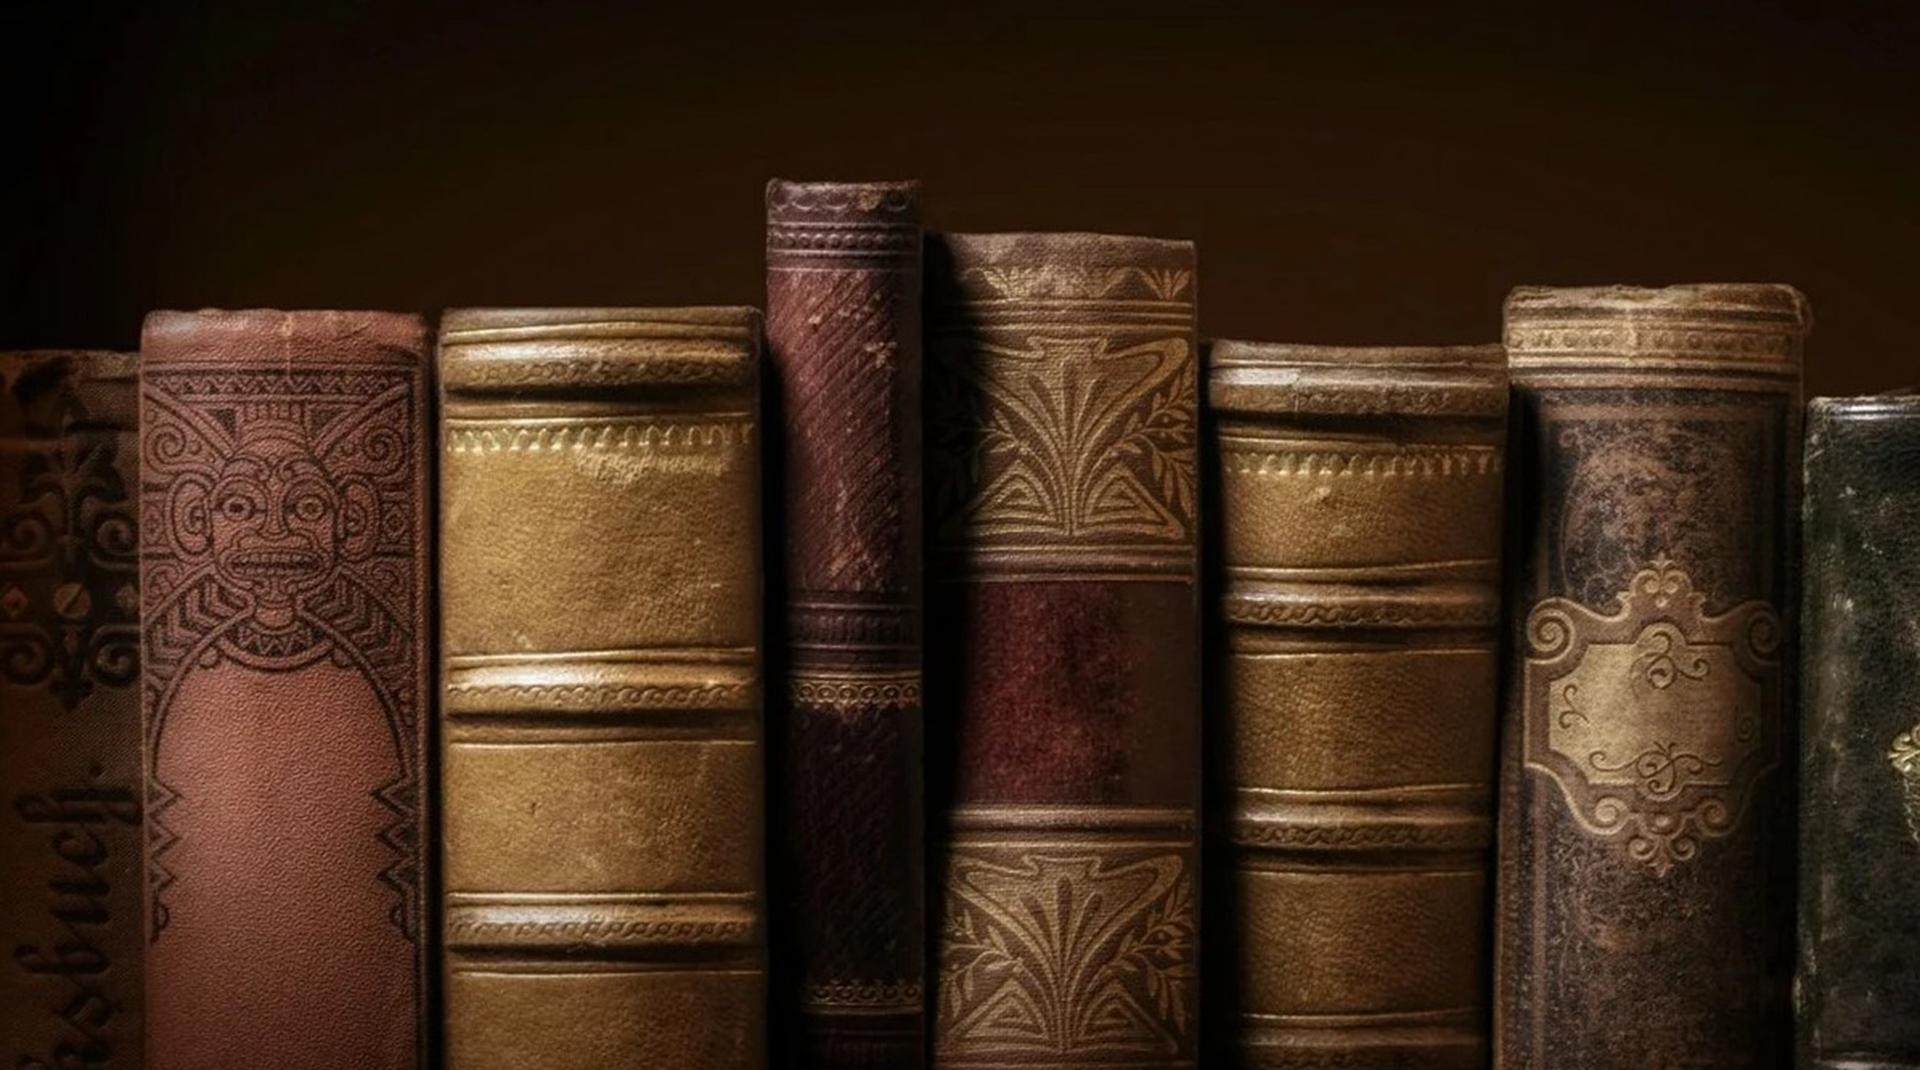 Не будь тиктокером: те, кто в 2020-х не научатся много читать, станут нищими